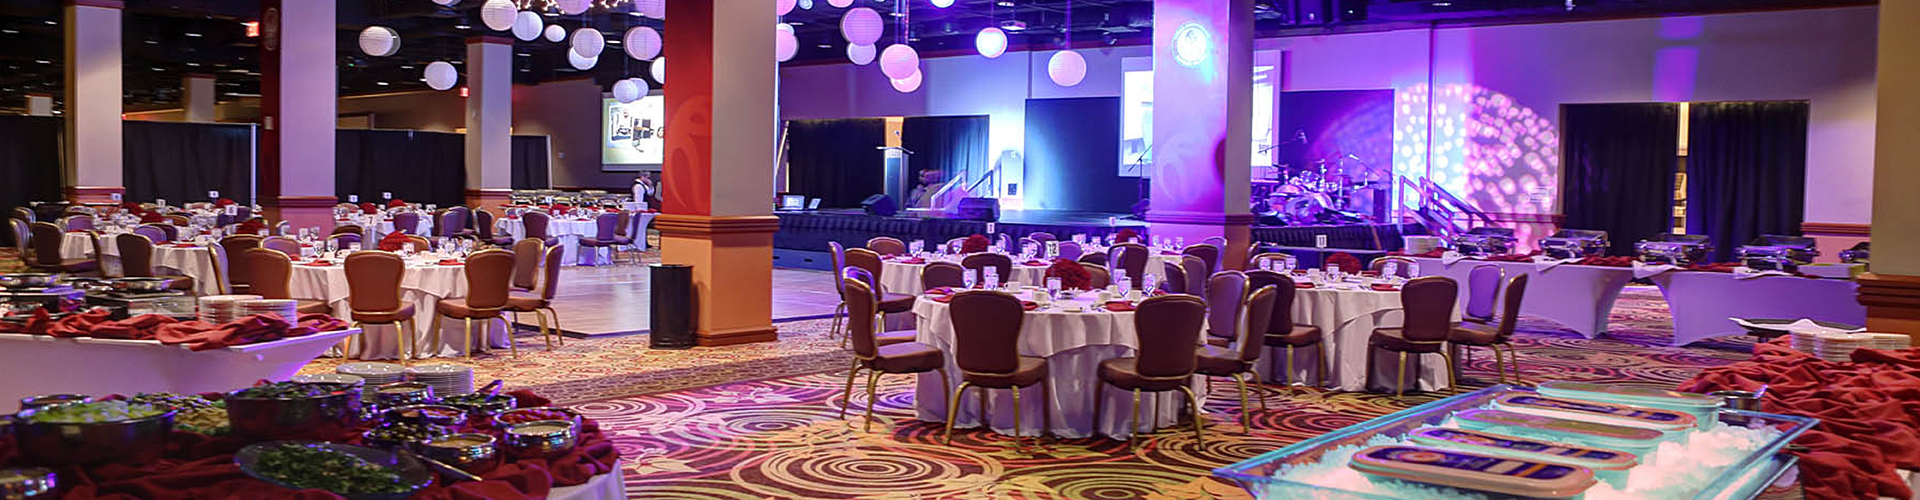 Events at Resorts World NYC